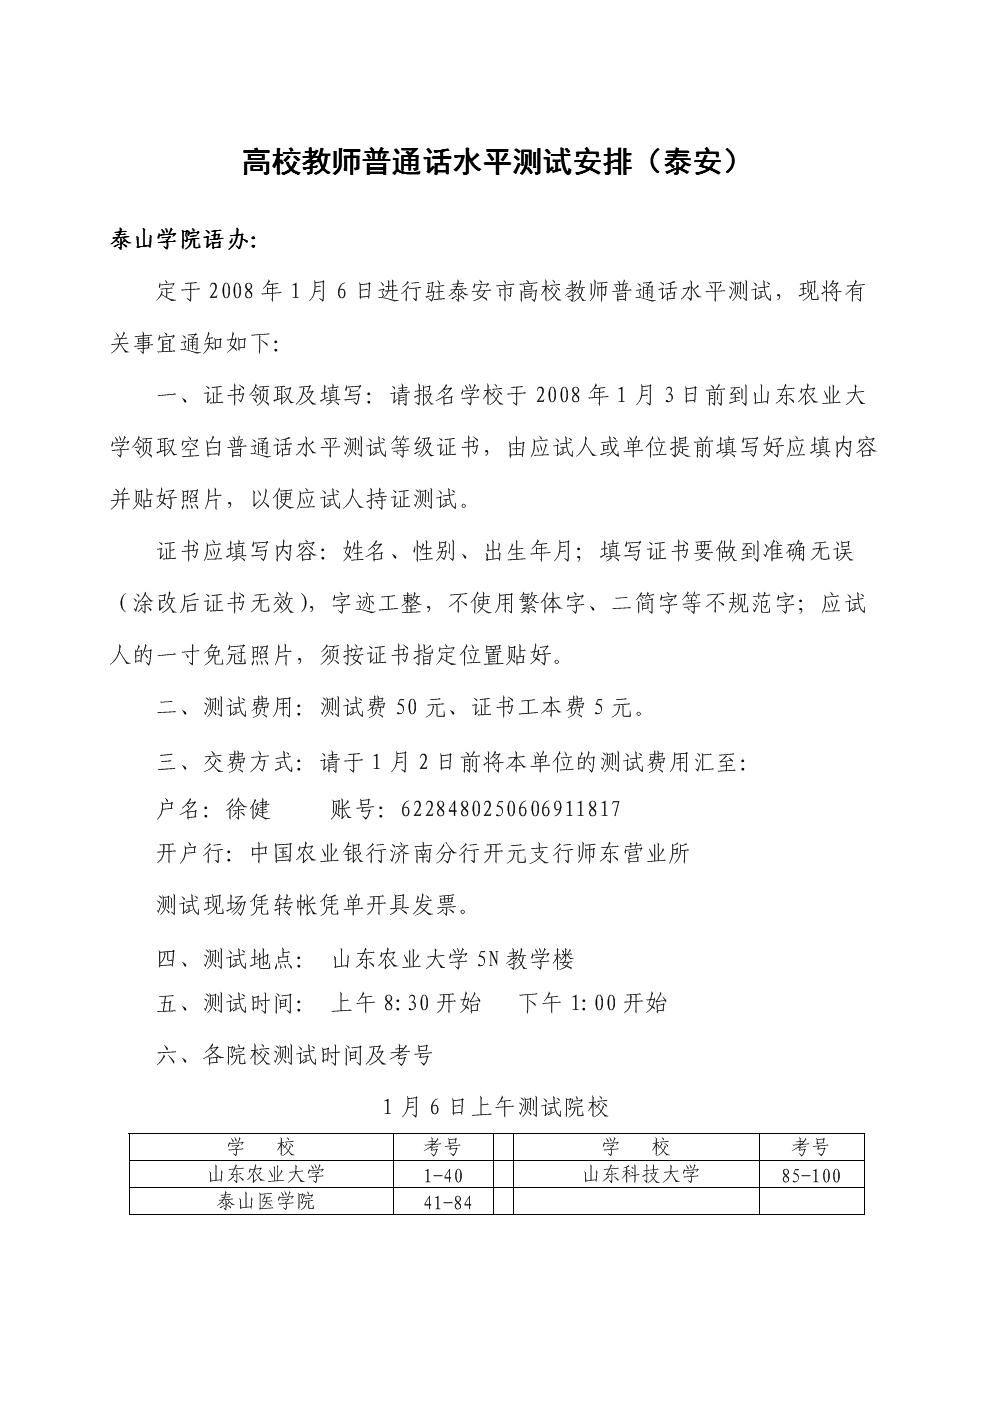 高校教师普通话水平测试安排泰安.doc